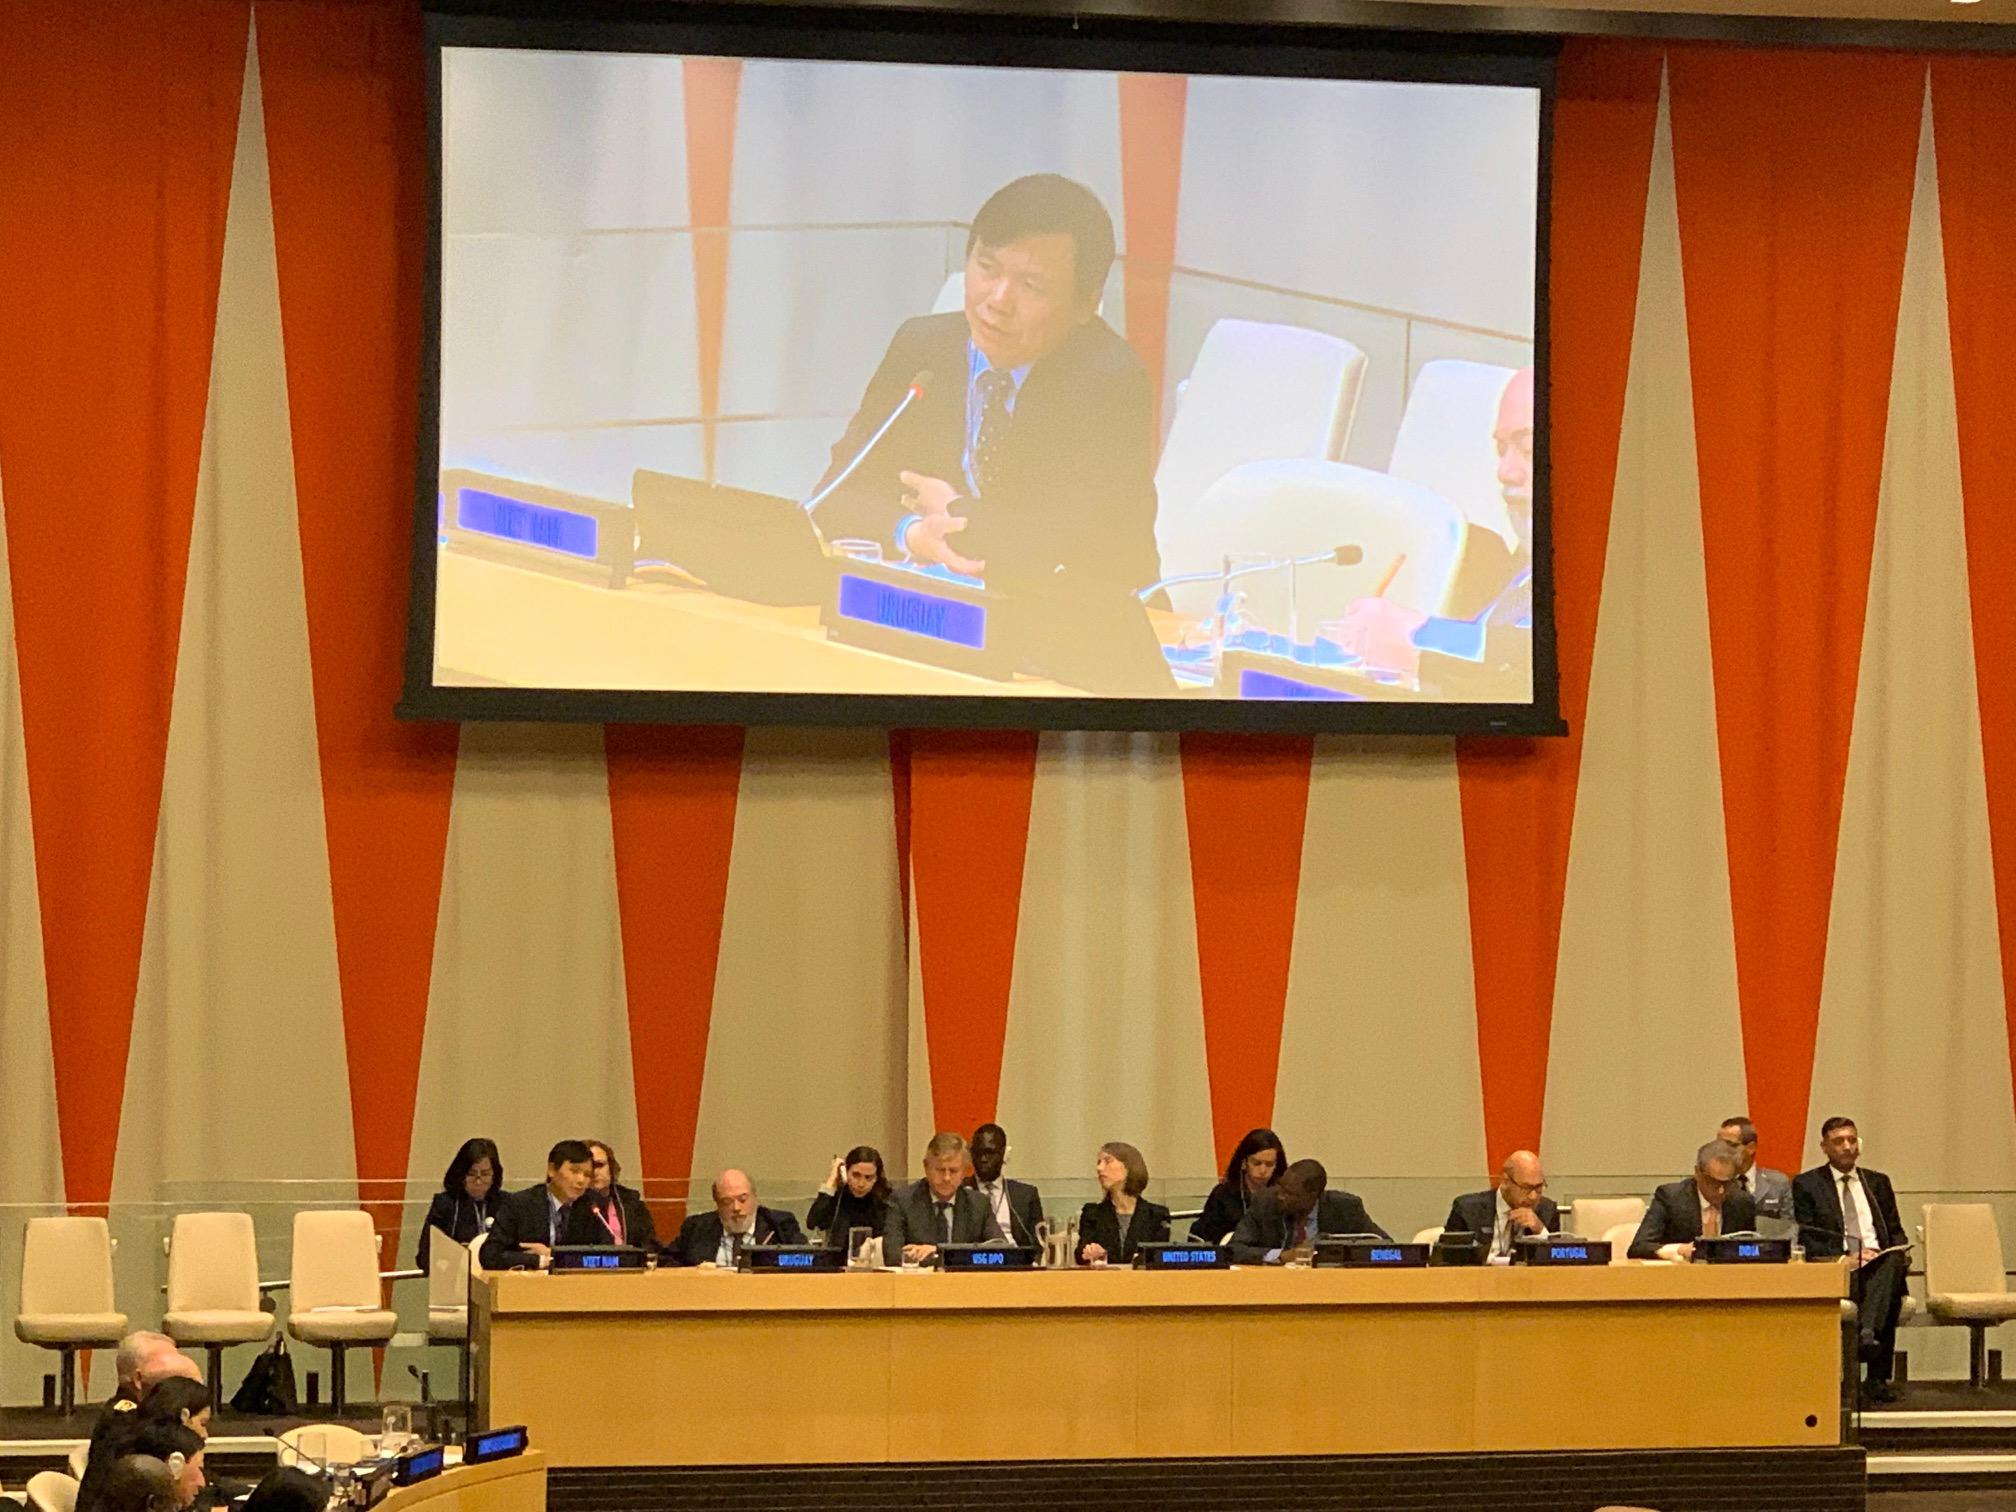 Tăng cường hiệu quả hoạt động gìn giữ hoà bình của Liên hợp quốc